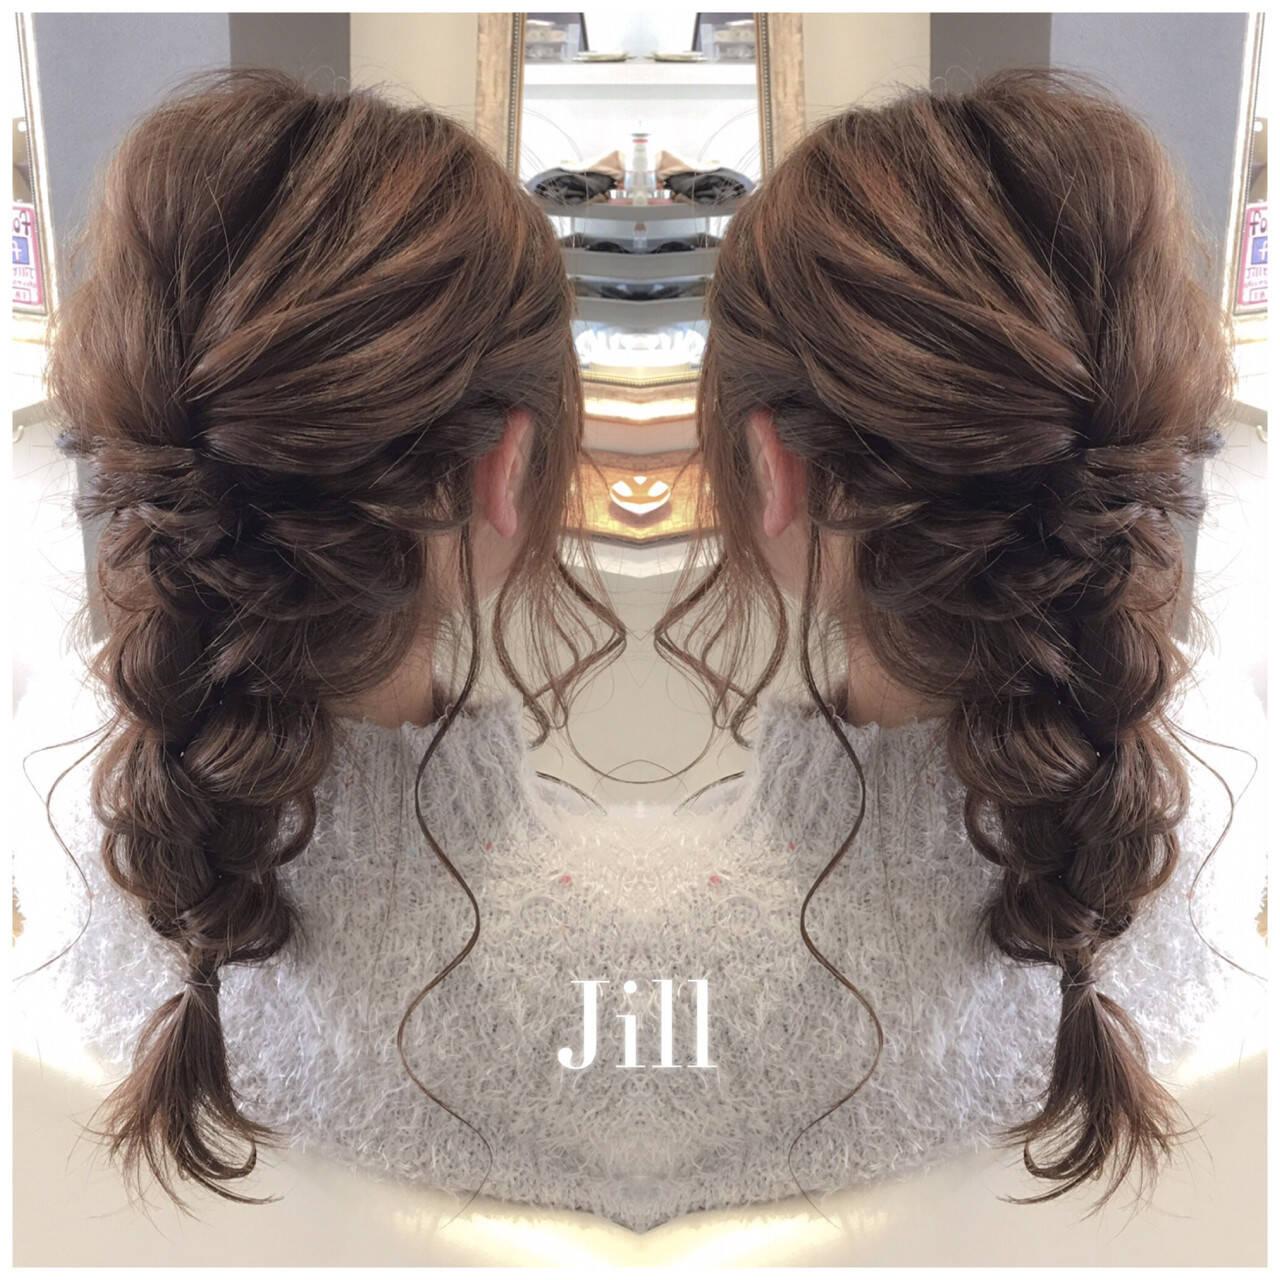 ヘアアレンジ フェミニン セミロング 編み込みヘアスタイルや髪型の写真・画像